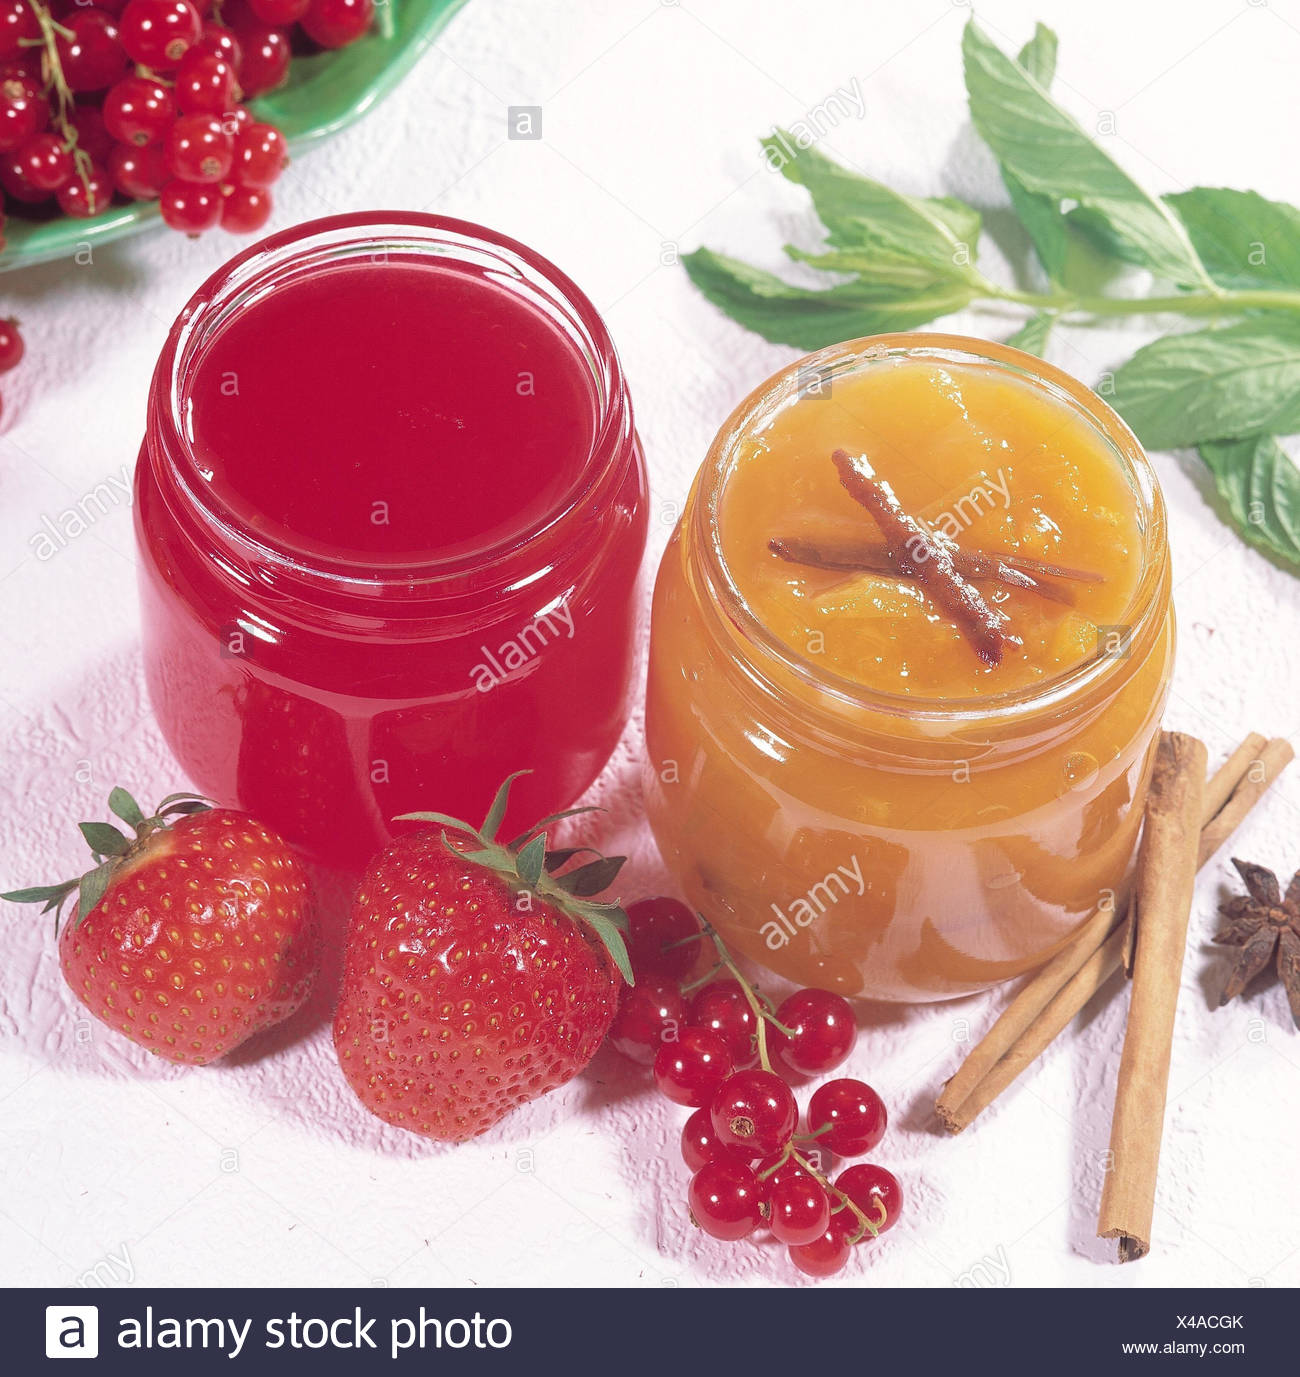 Jams Glasses Apricot Cinnamon Jam Johannisbeergelee Berries Jam